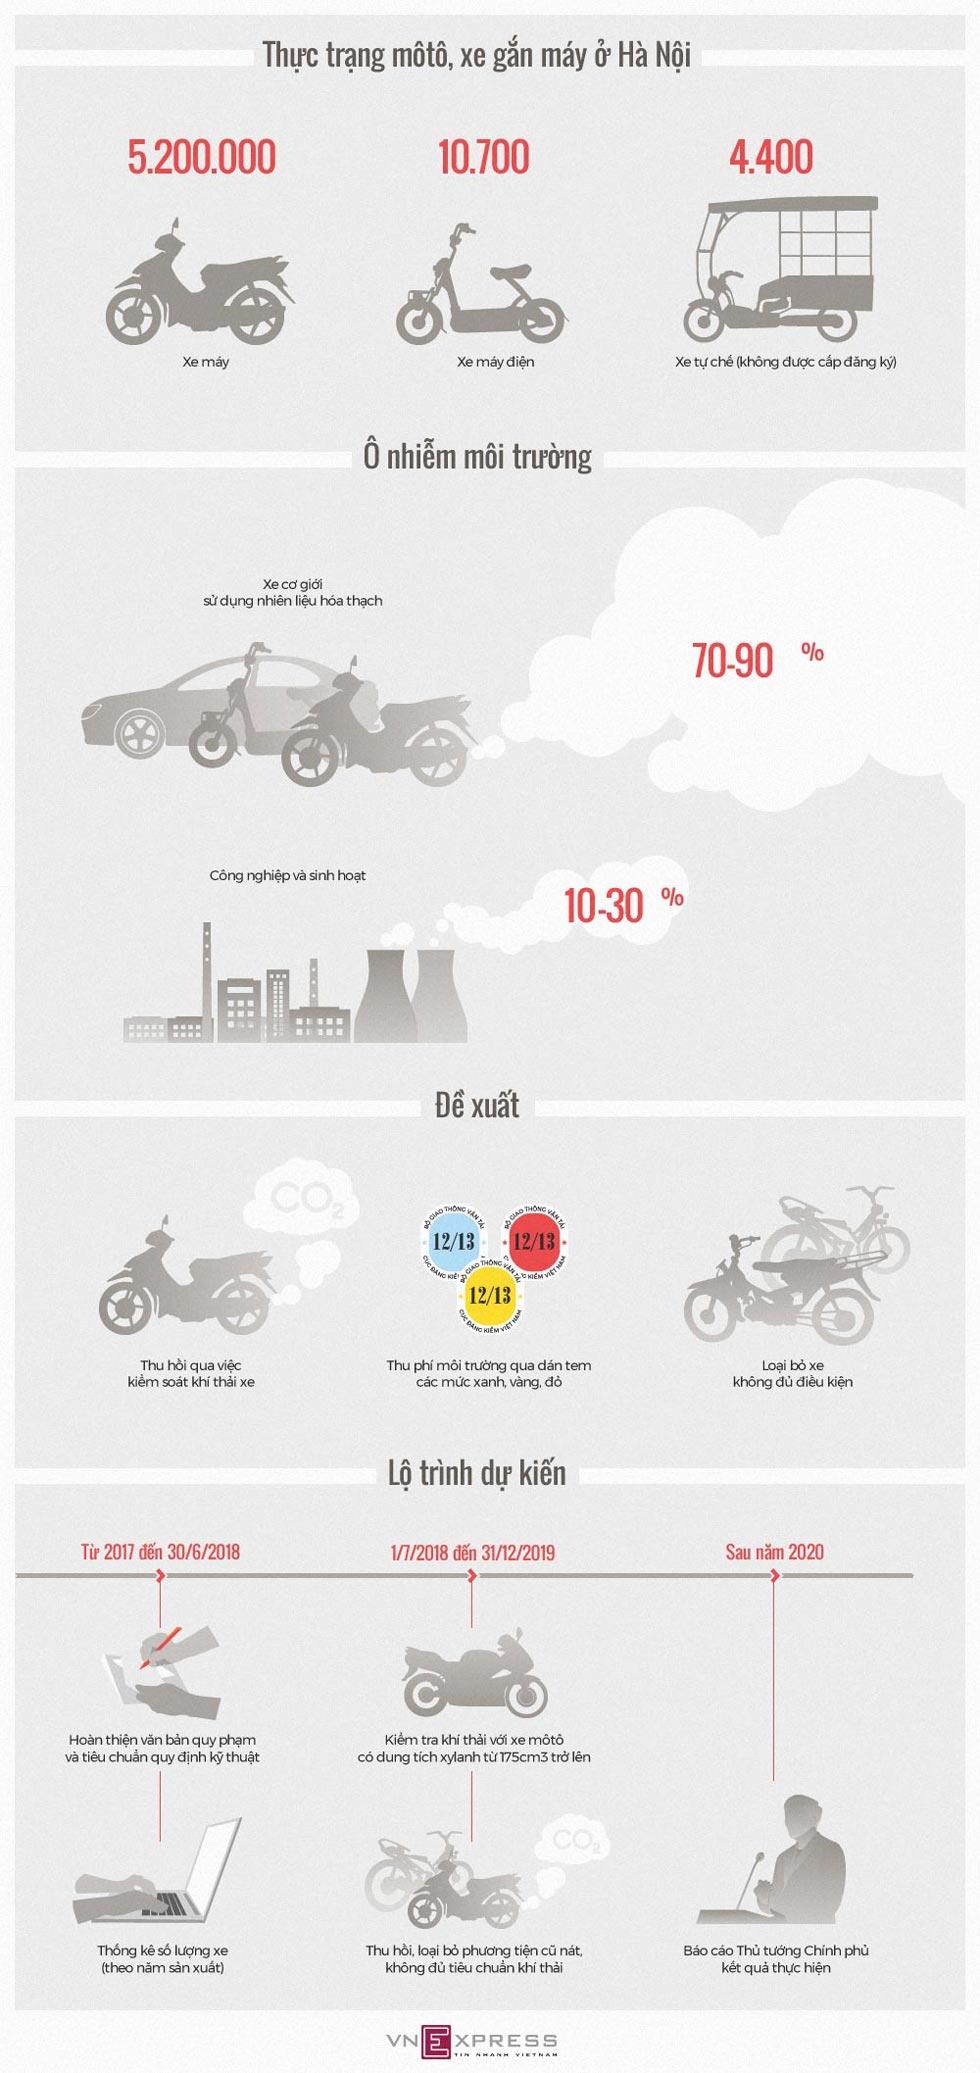 Infographic: Hà Nội sẽ thu hồi xe máy cũ nát như thế nào? - Hình 1